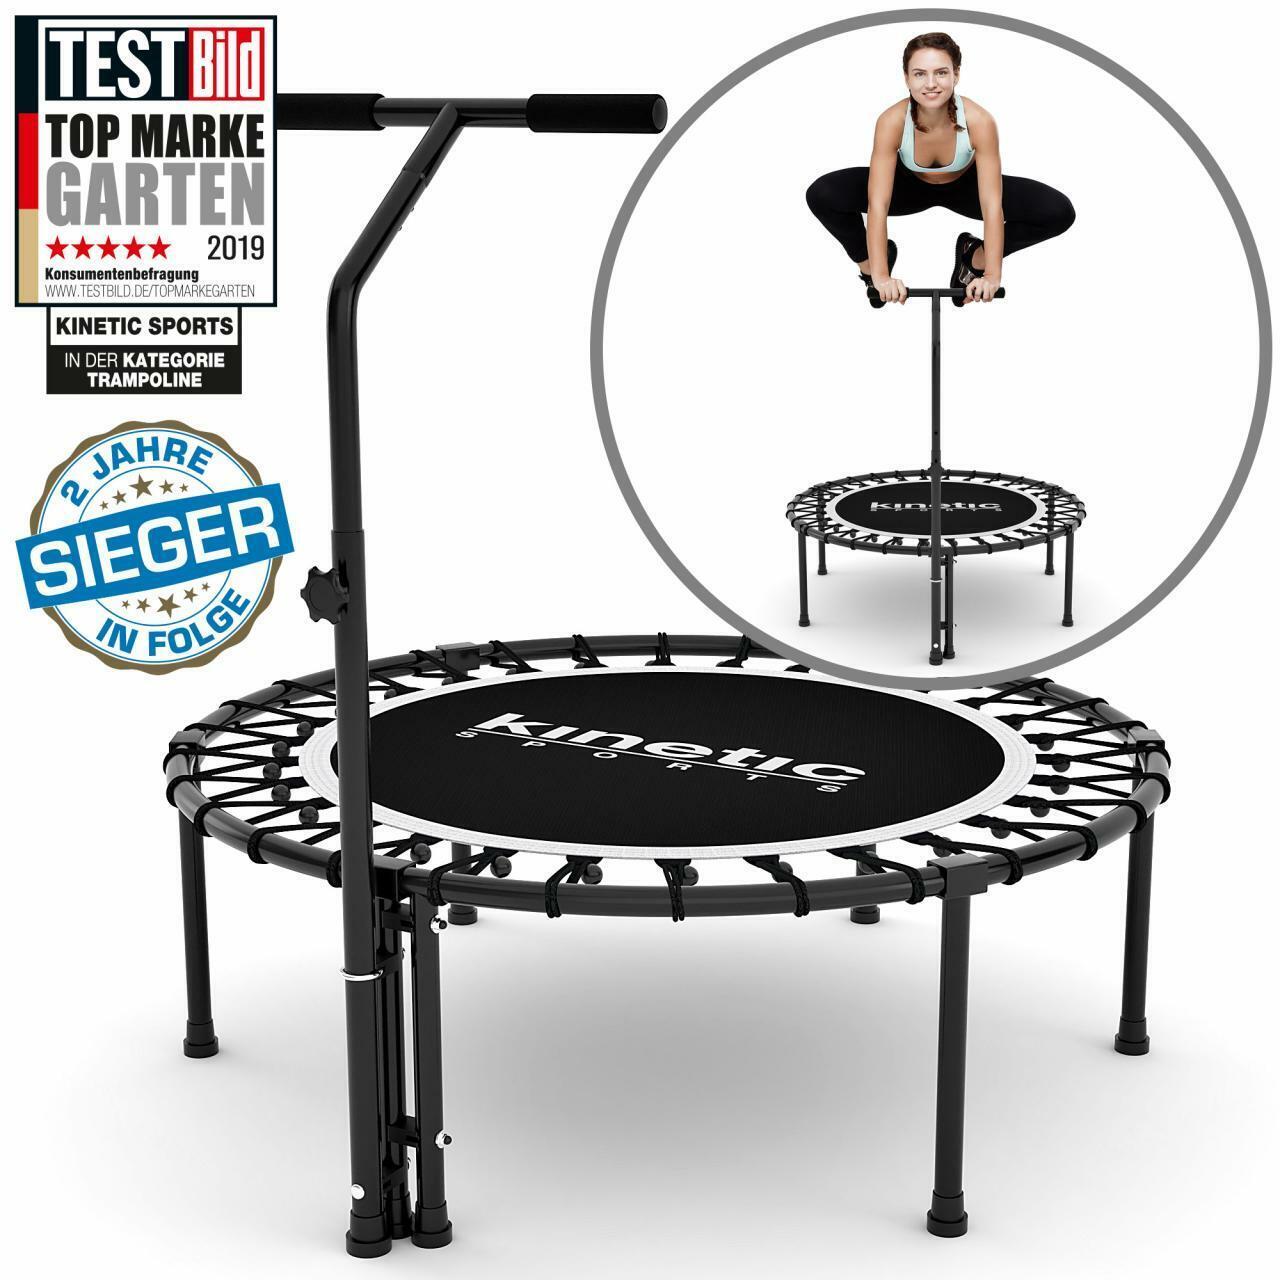 Trampolino Elastico per Fitness 100cm Tapetto Palestra Interno tuttienamento gratuito